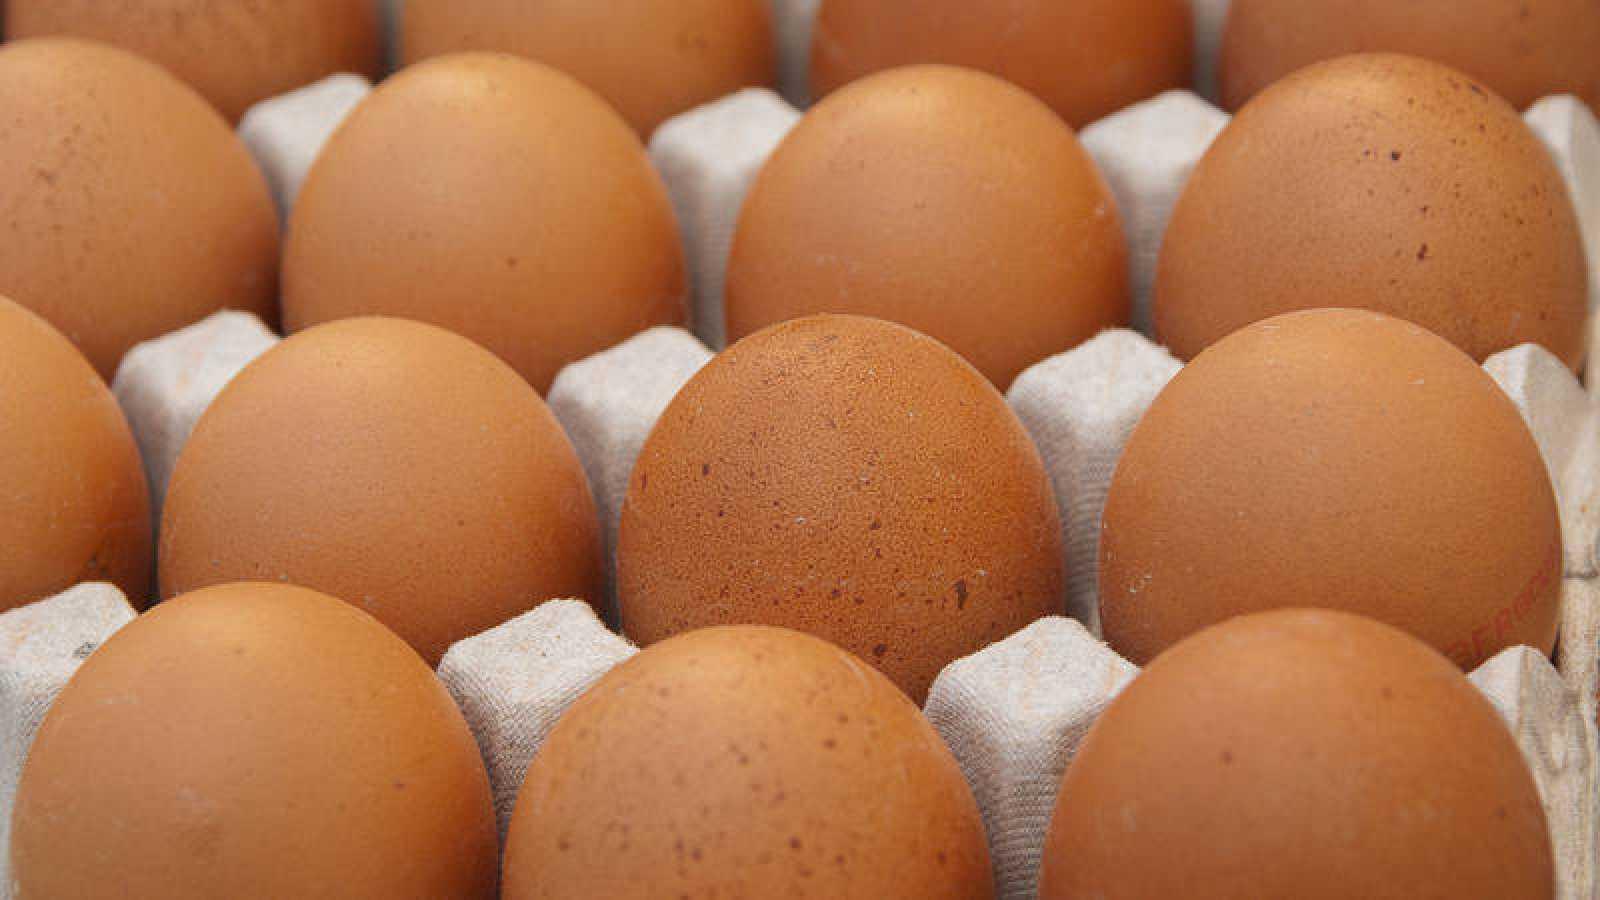 Vista de un cartón de huevos. Imagen de archivo.